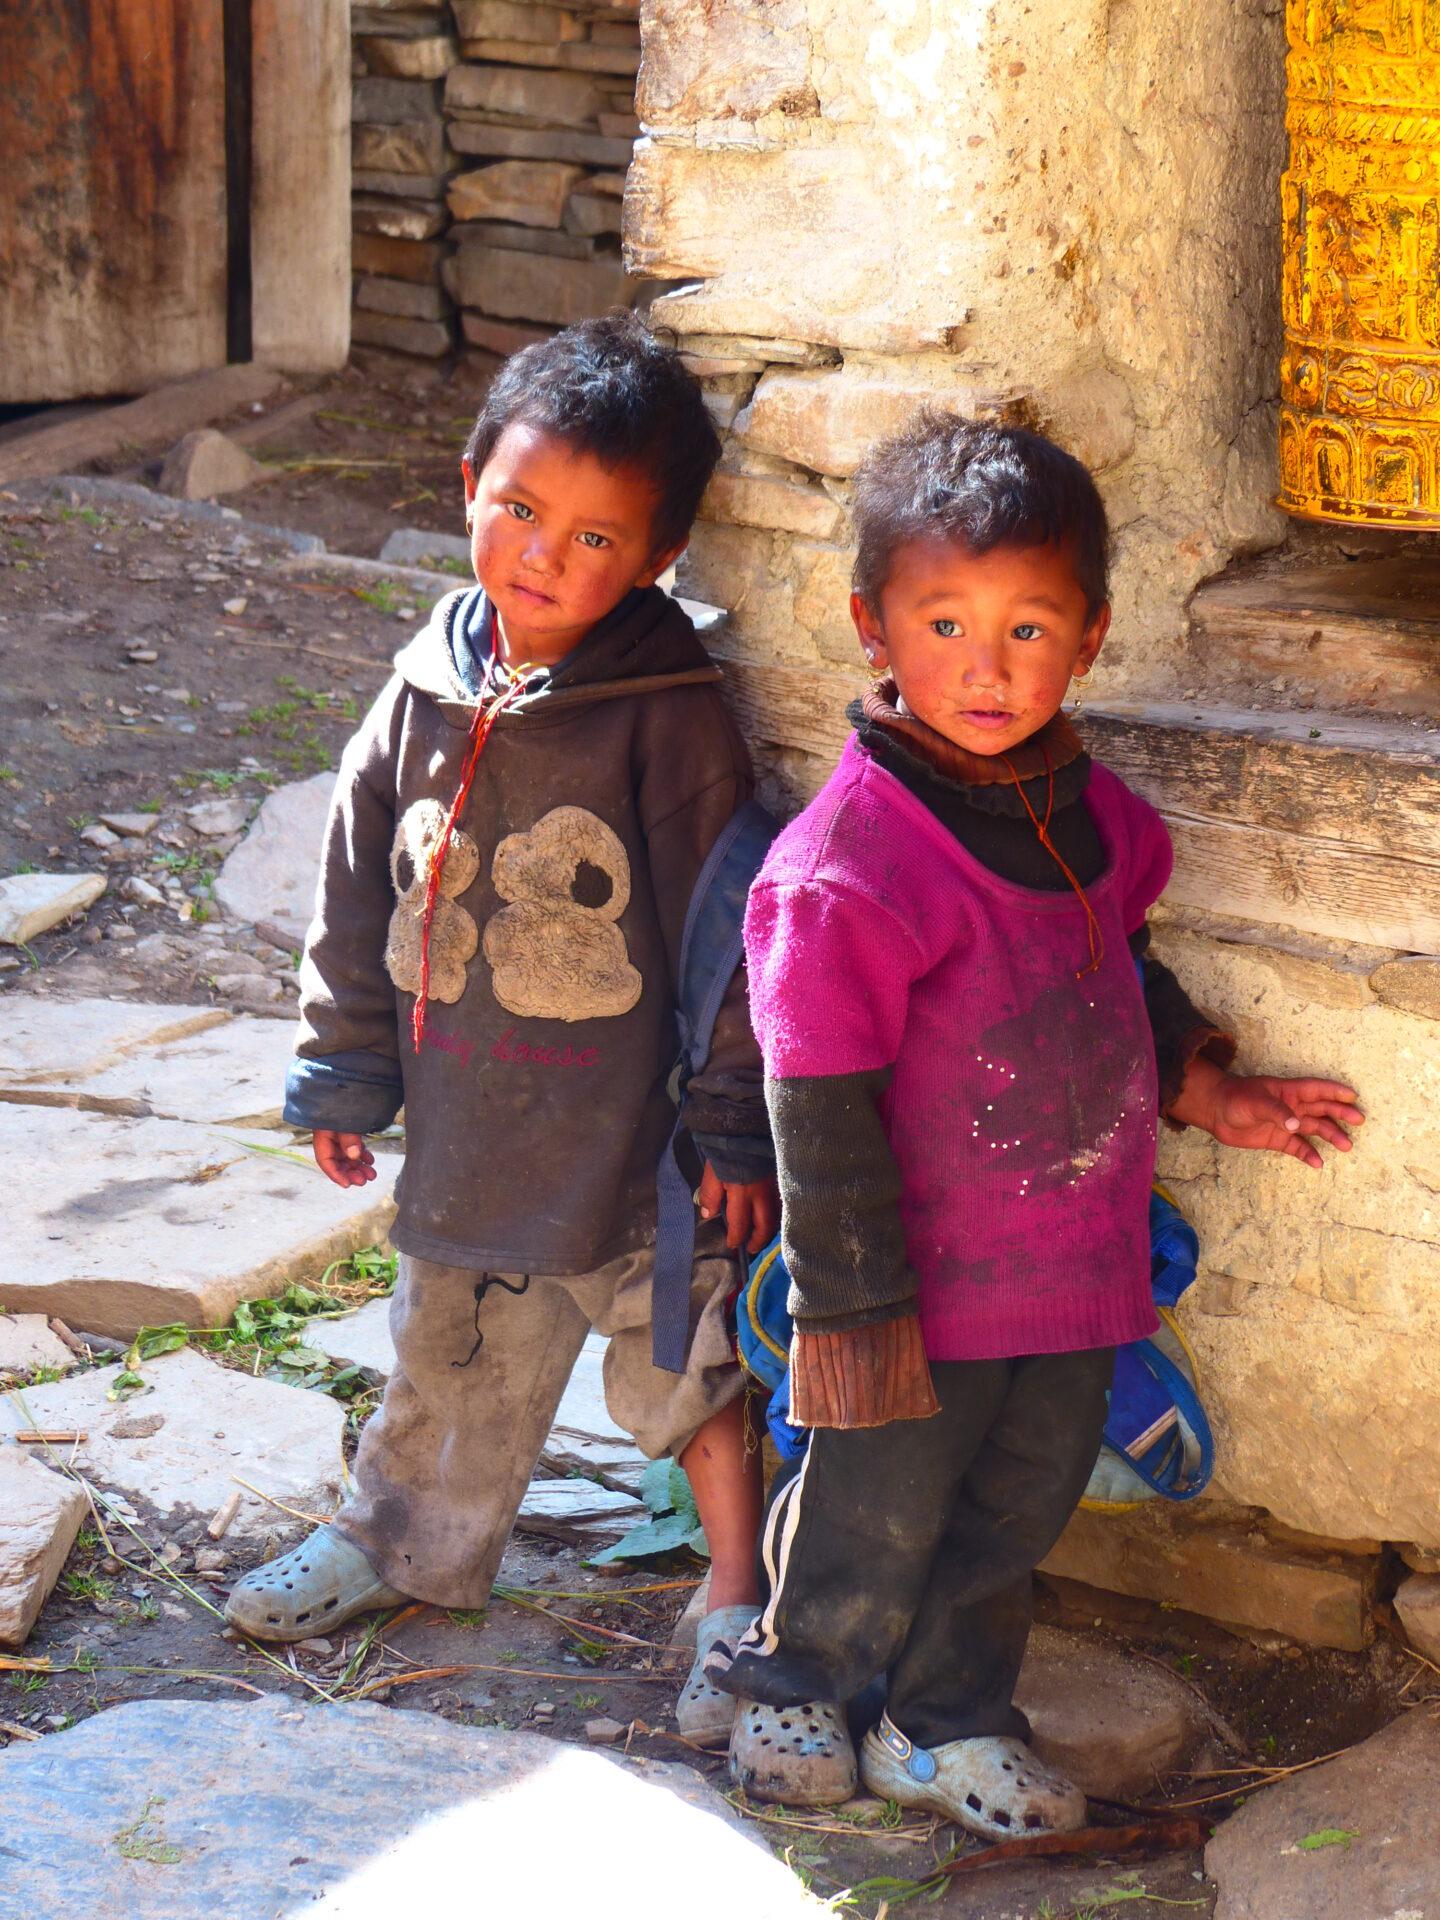 Enfants népalais de l'Annapurna